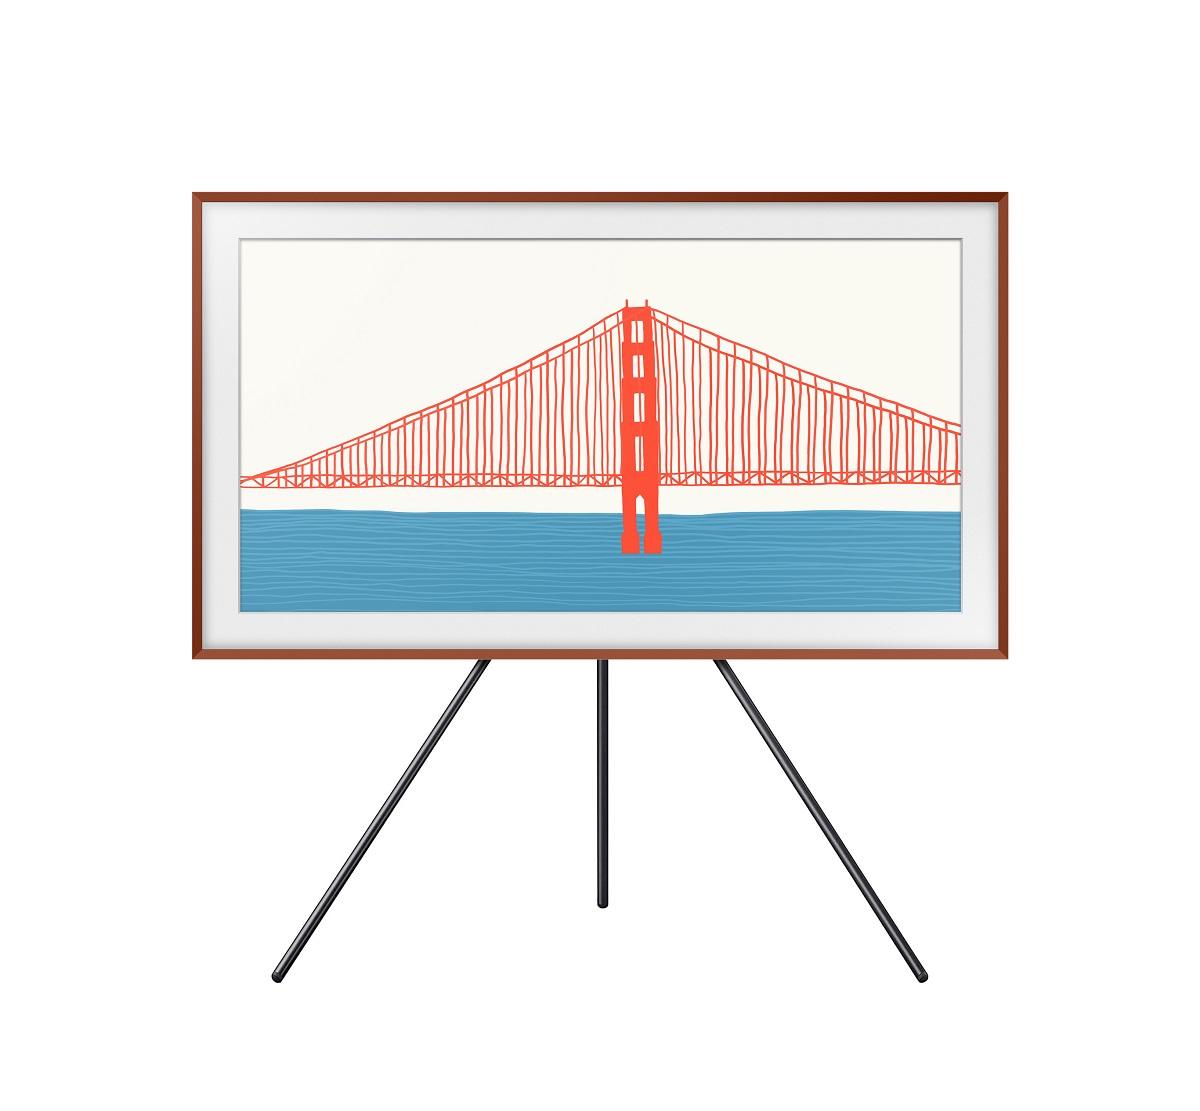 The Frame - это стильный телевизор, который можно подобрать к любому домашнему декору и который имеет режим «Art Mode», который позволяет зрителям наслаждаться шедеврами у себя дома.